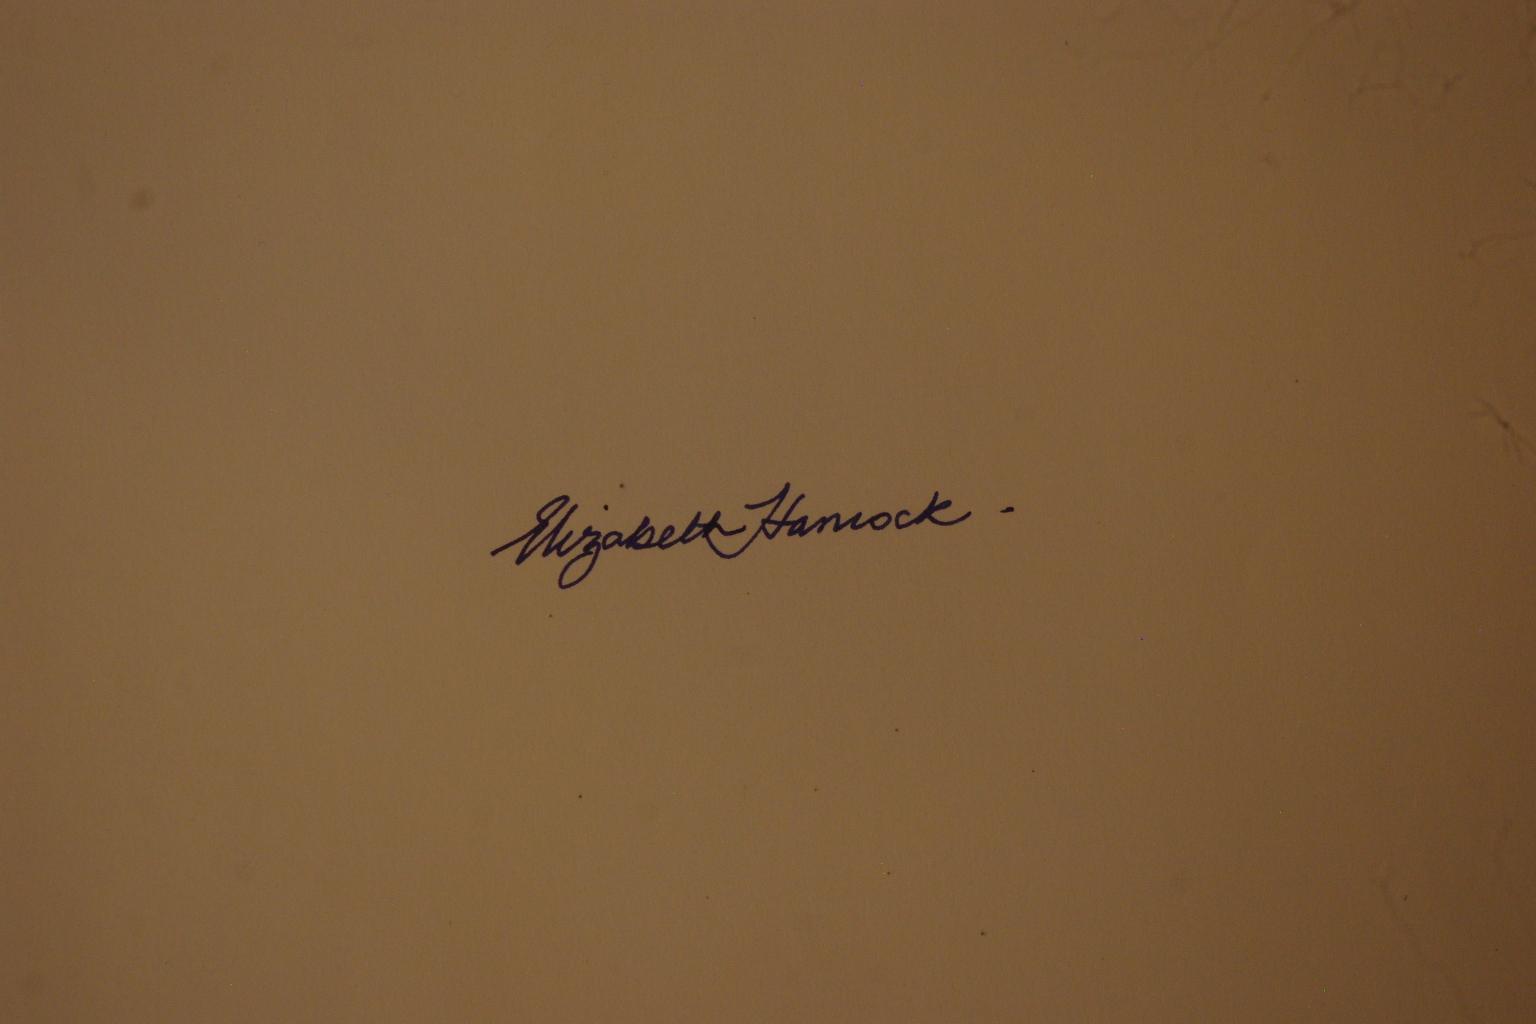 elizabeth hancock's Signature